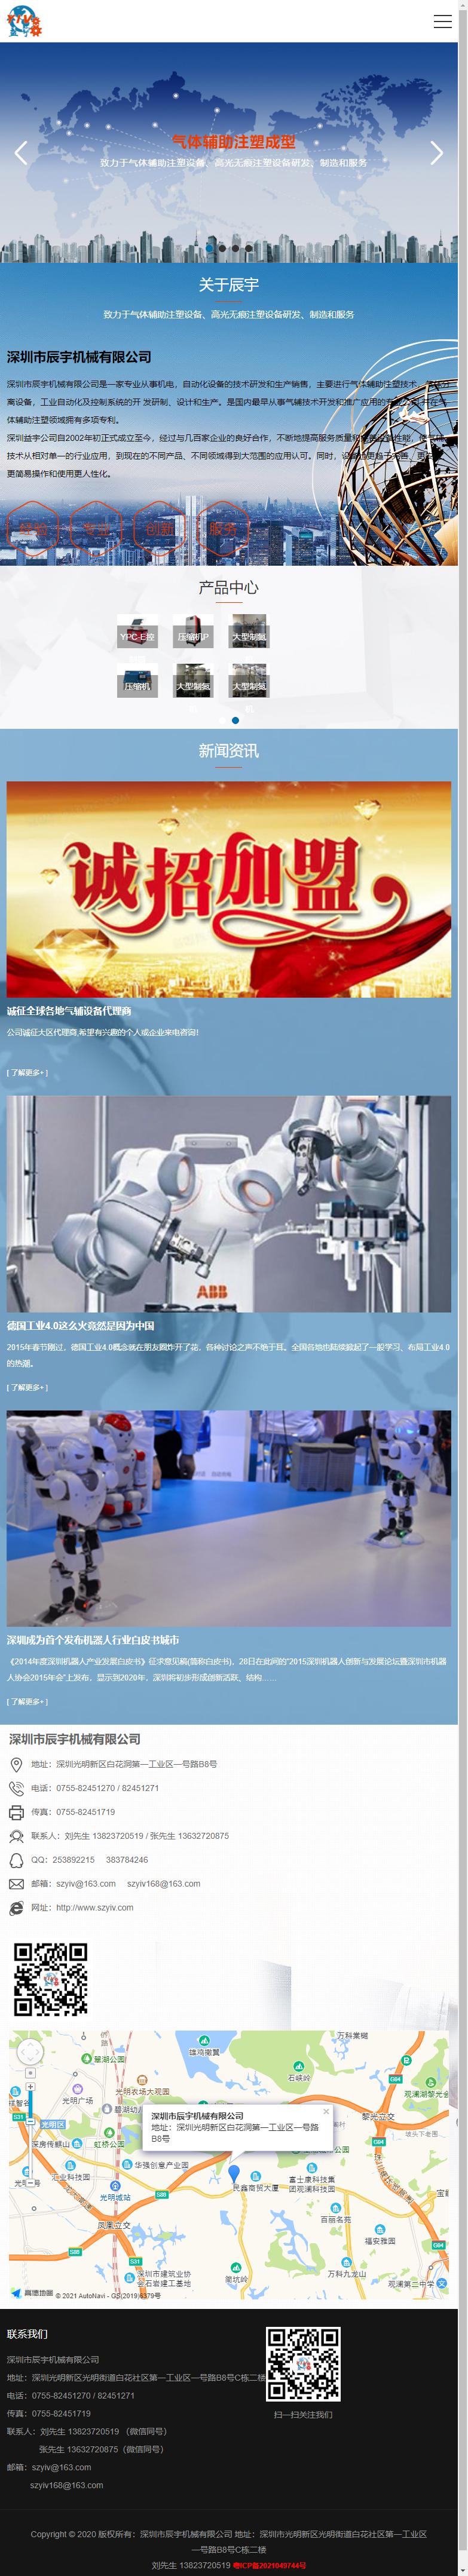 深圳市益宇机电设备有限公司网站案例